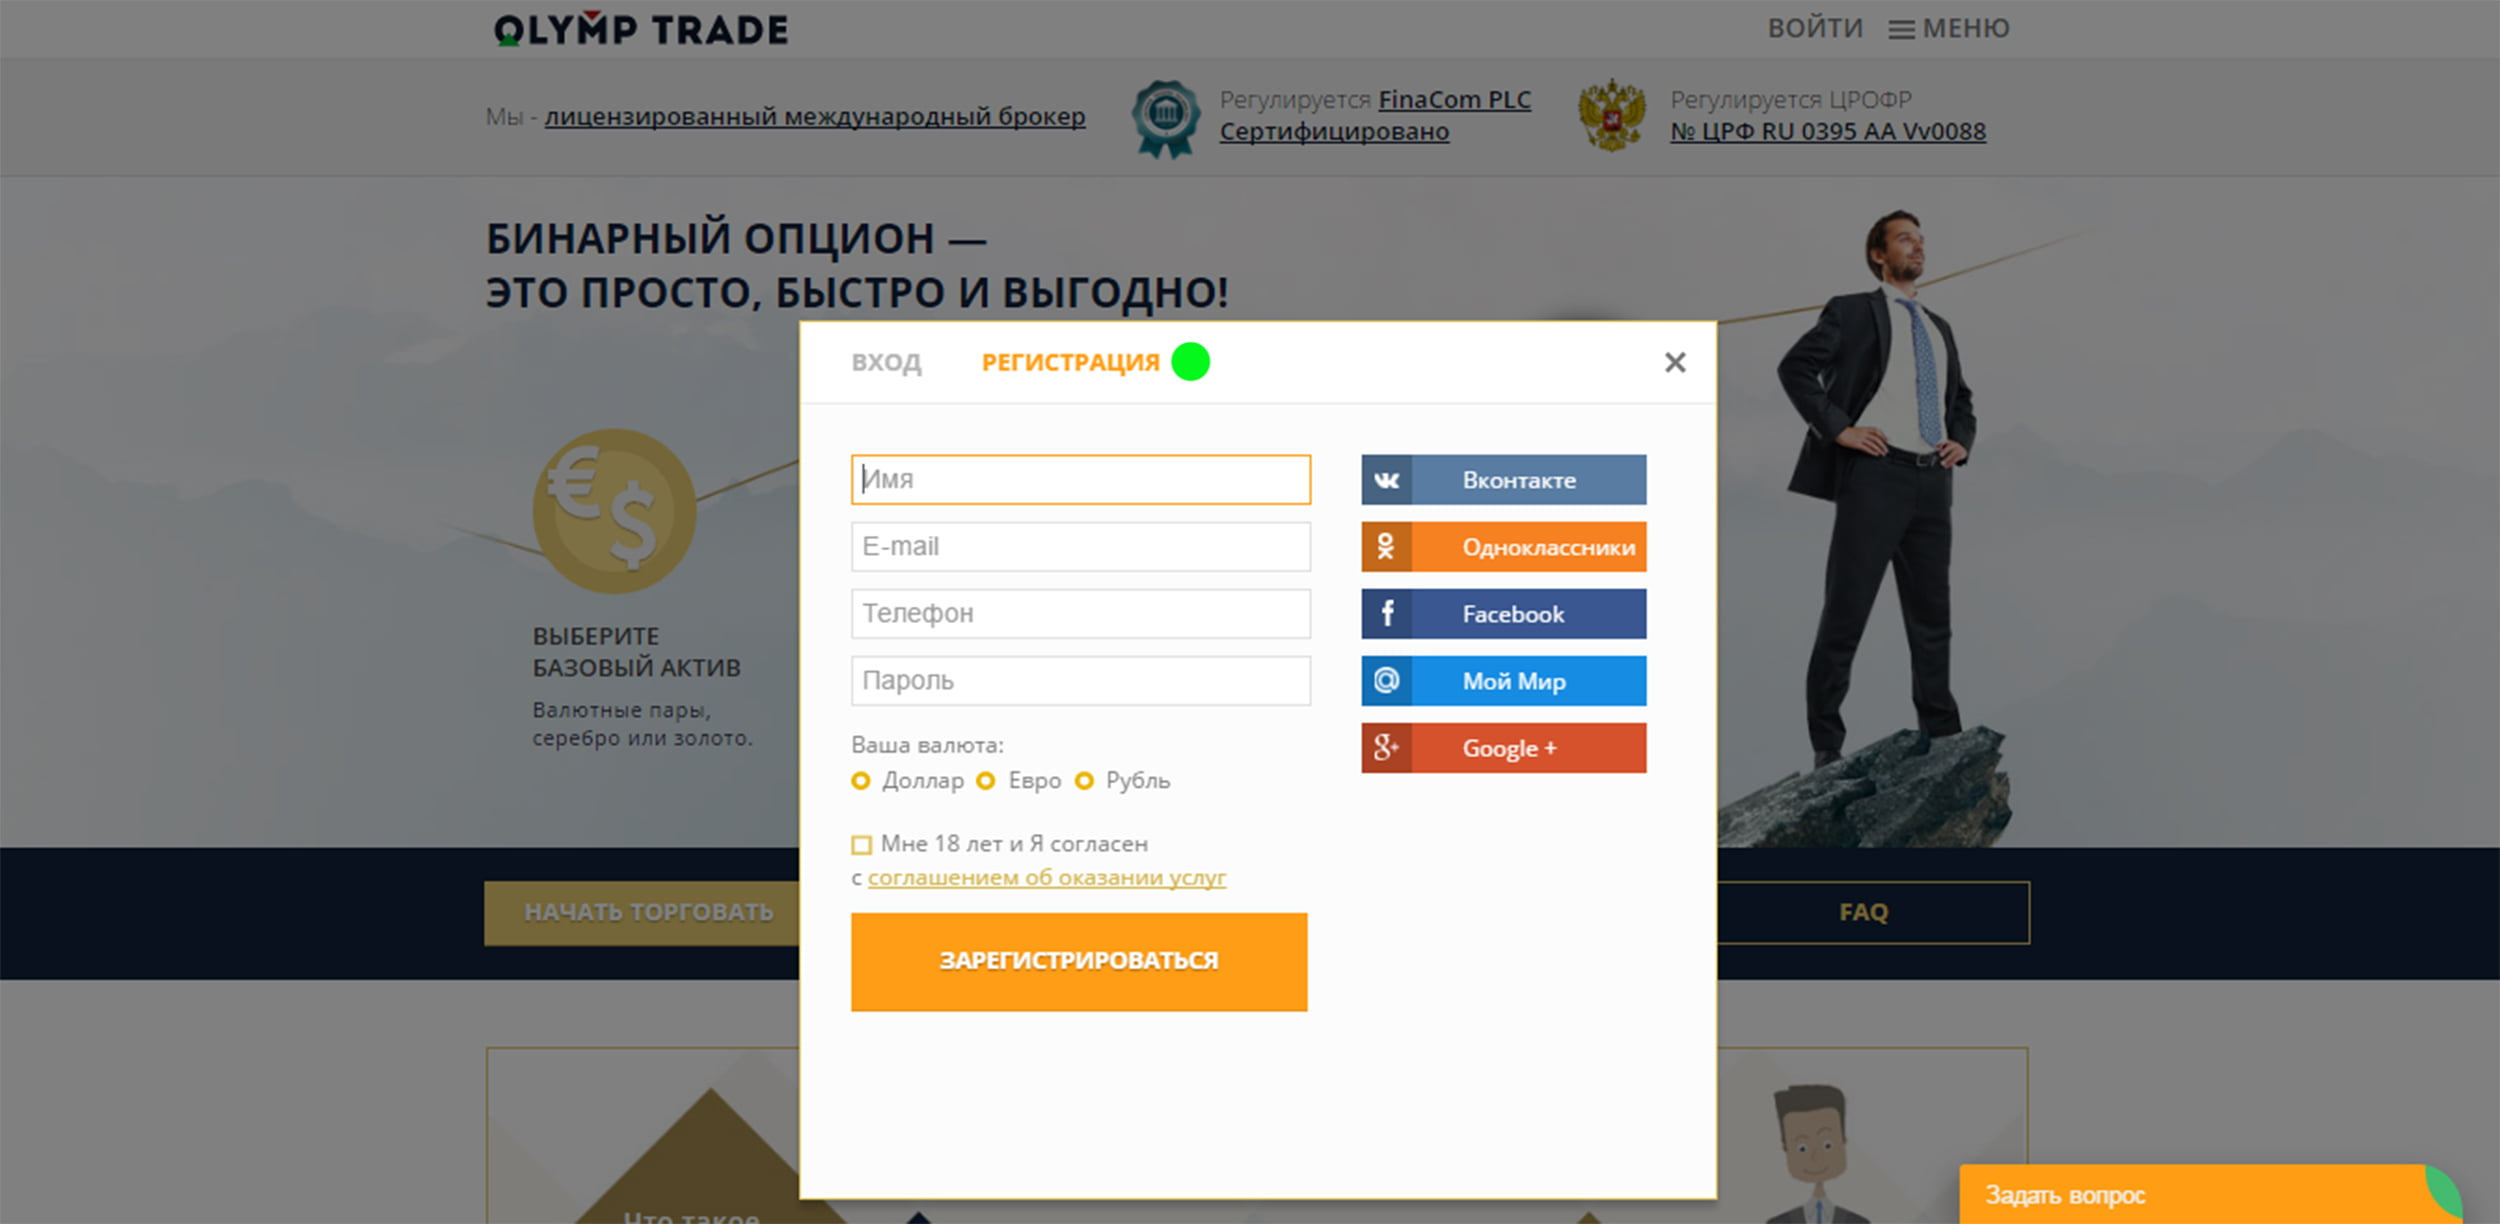 Регистрация на Олимп Трейд